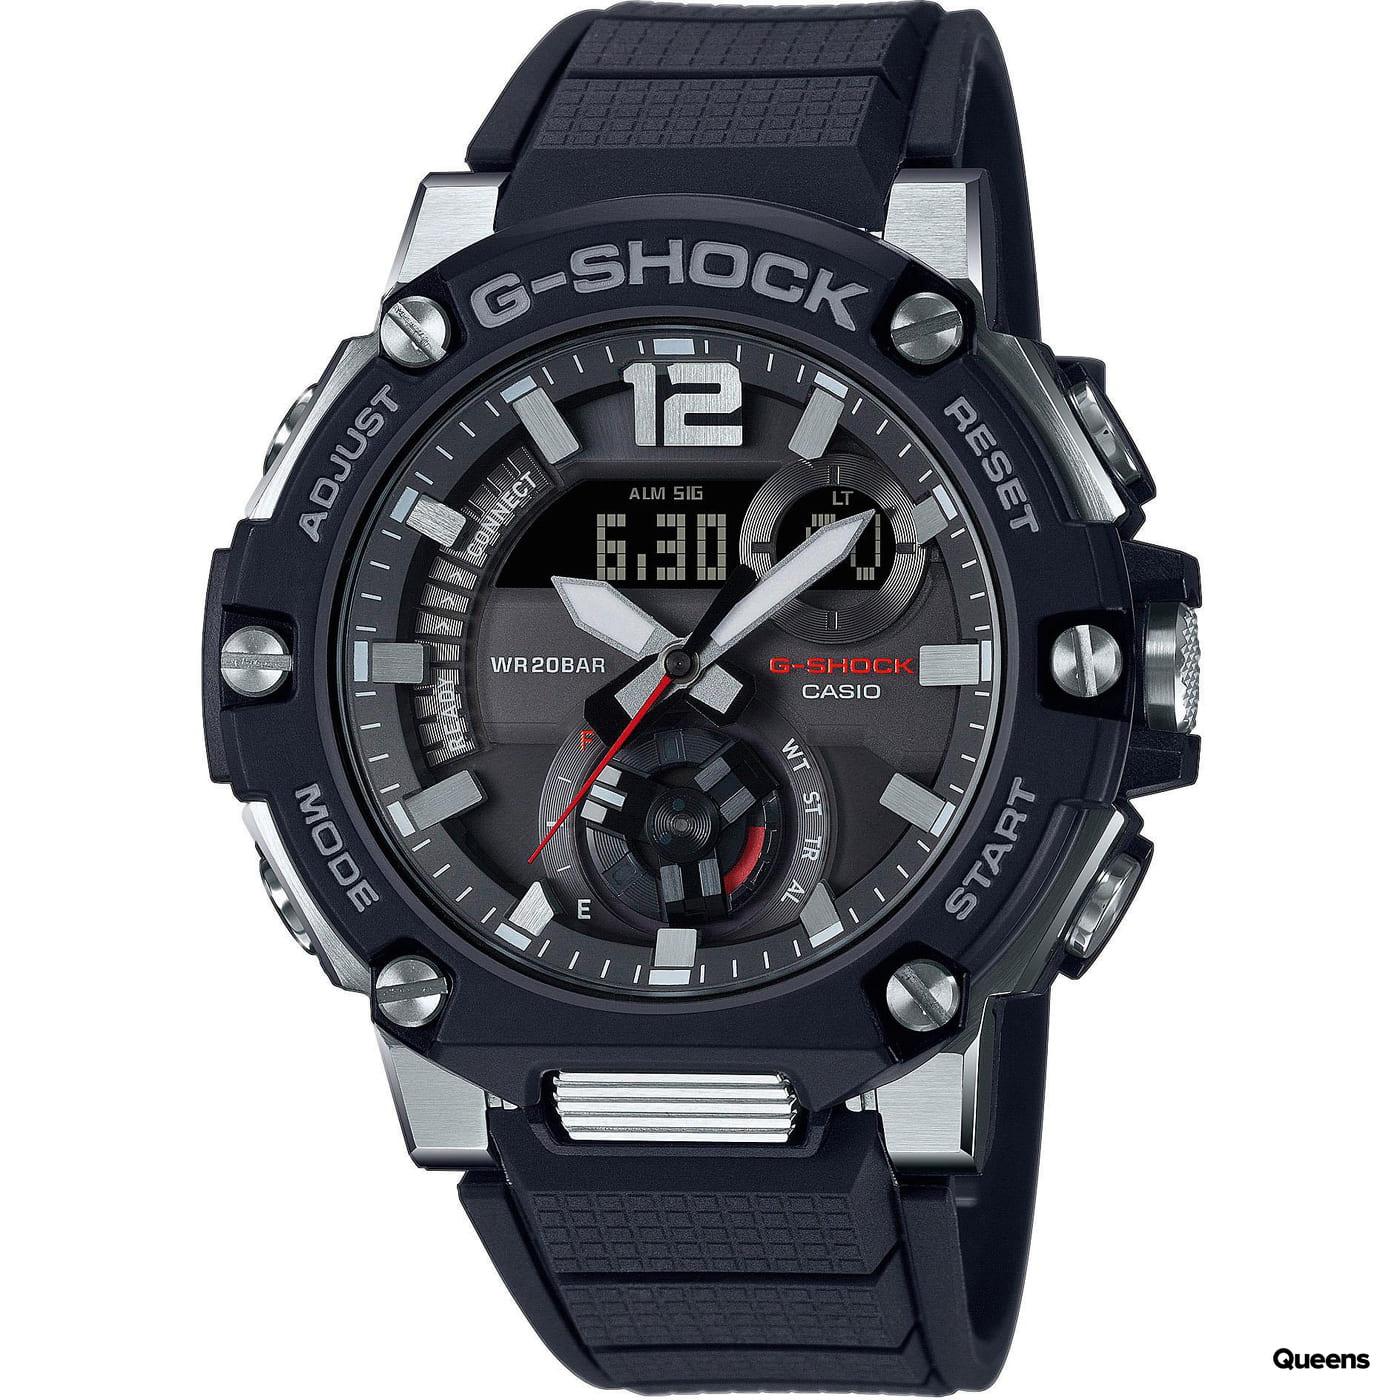 Casio G-Shock GST B300-1AER black / silver